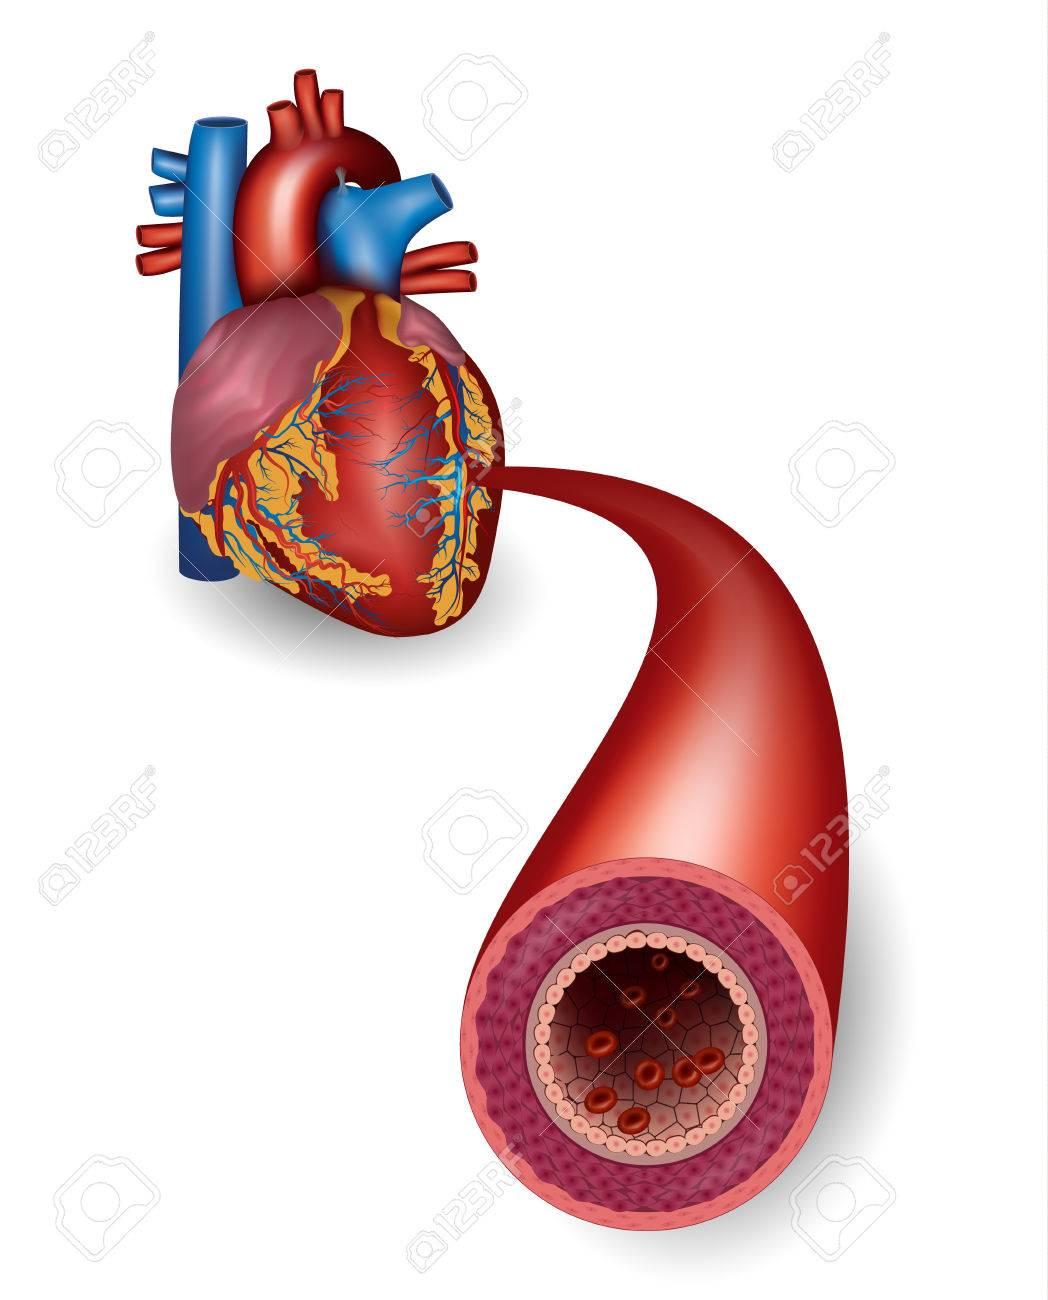 Arteria Sana Y La Anatomía Del Corazón Ilustraciones Vectoriales ...